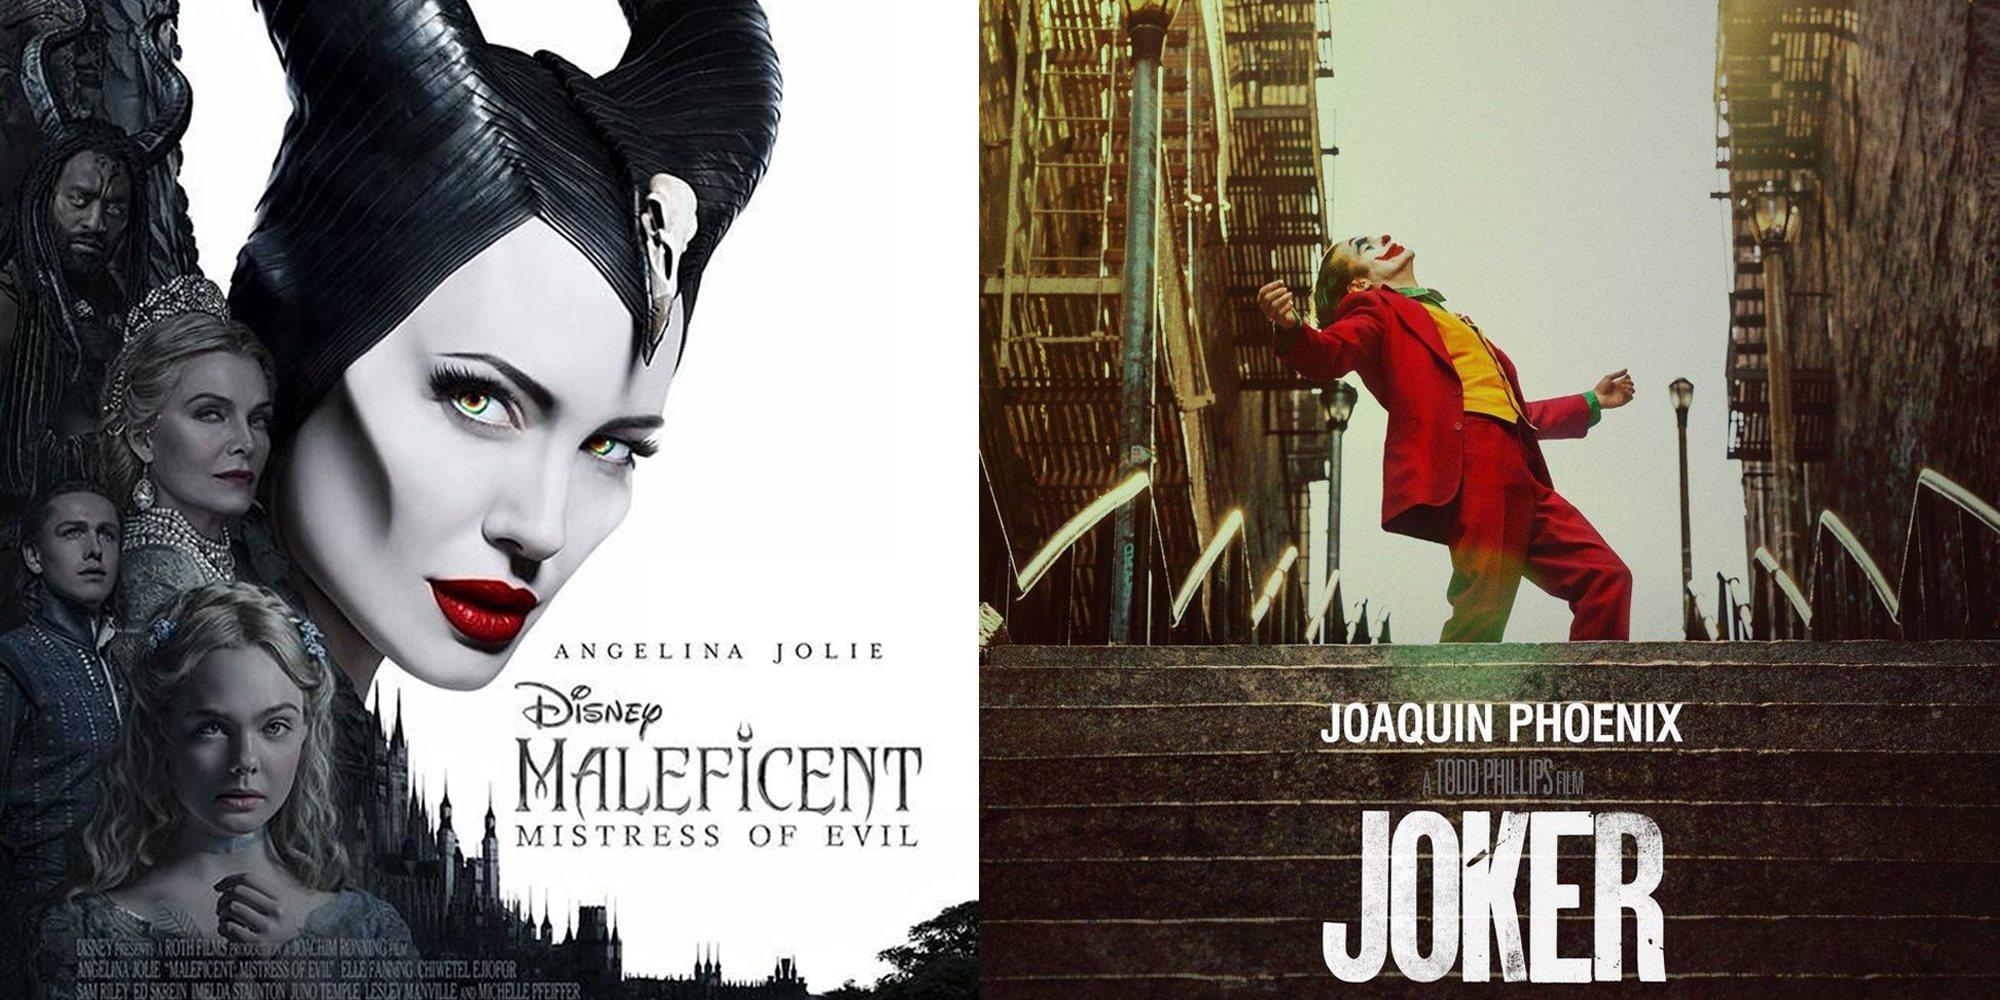 Las 5 películas más esperadas de octubre de 2019